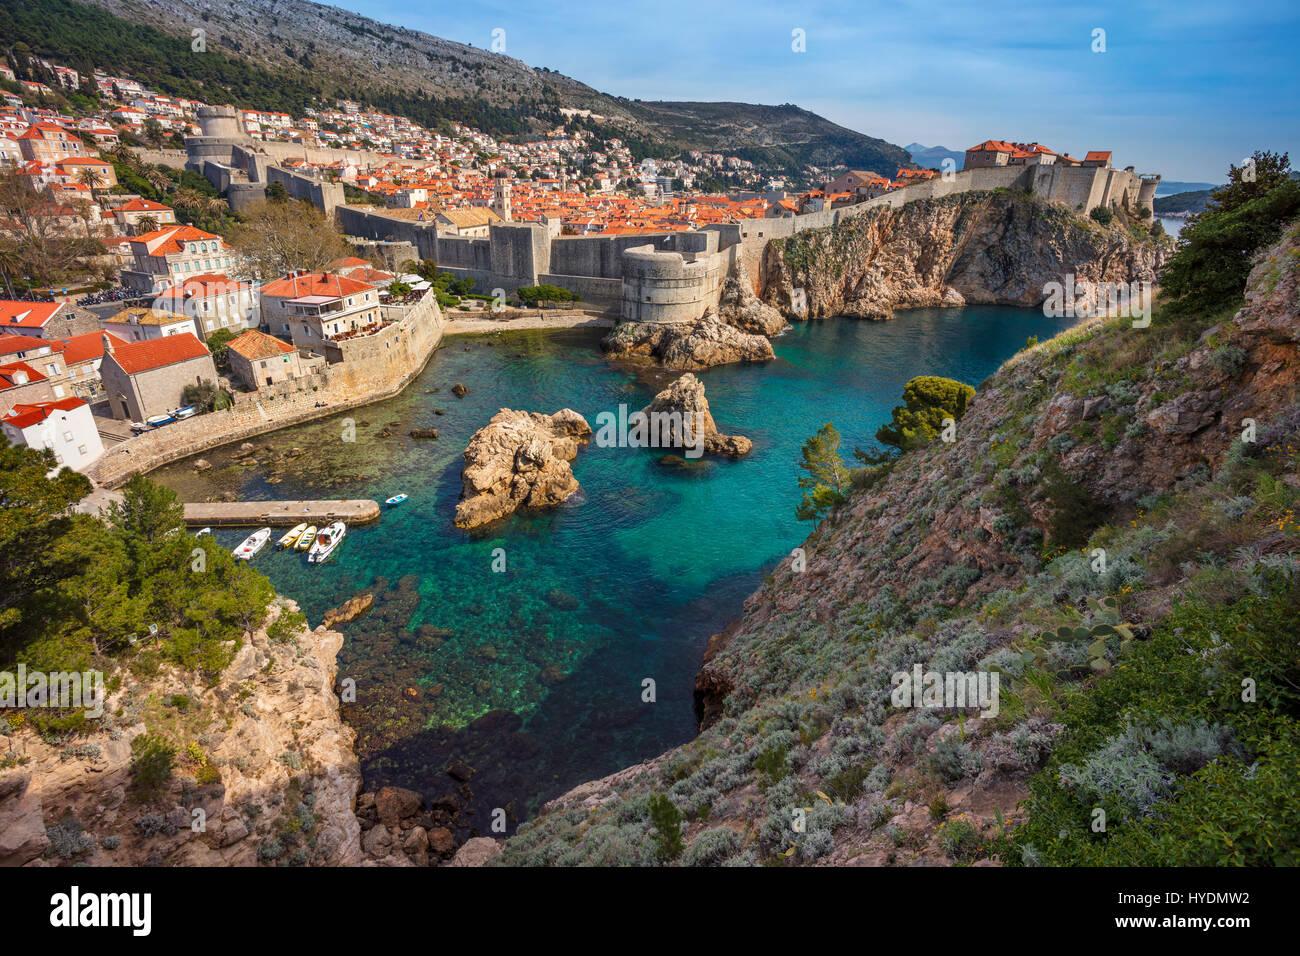 Dubrovnik, Croazia. Splendida e romantica città vecchia di Dubrovnik durante la giornata di sole. Immagini Stock